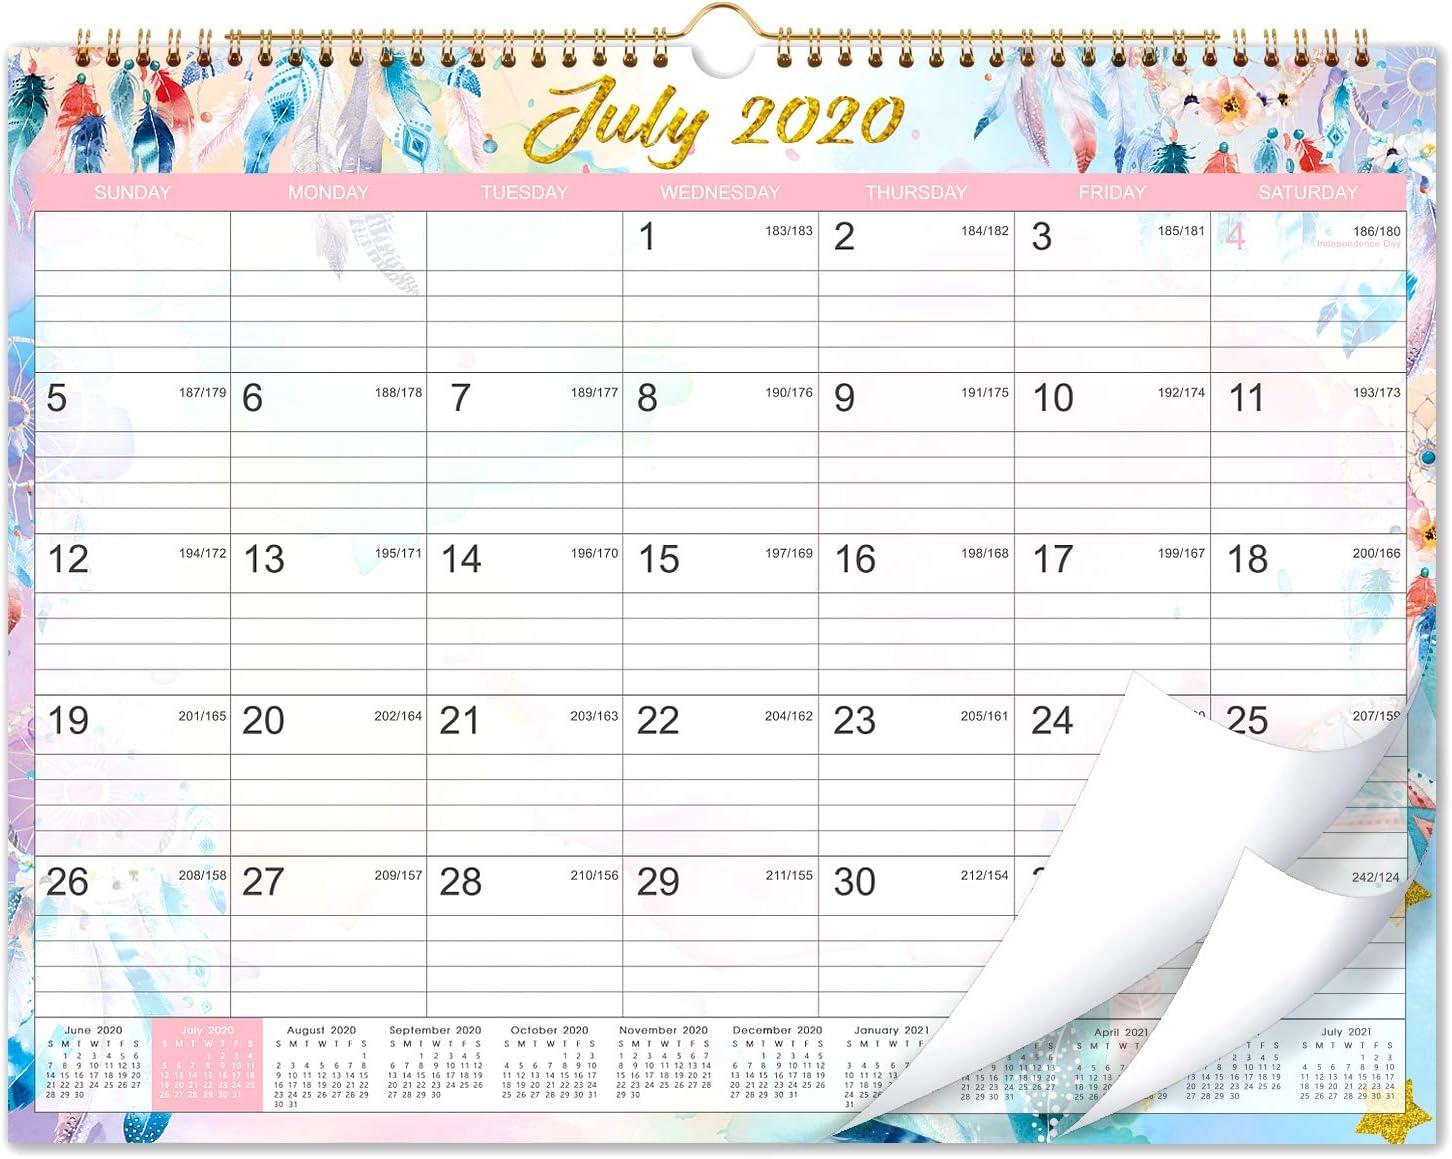 2020-2021 Calendar - 18 Months Wall Calendar 2020-2021, 15